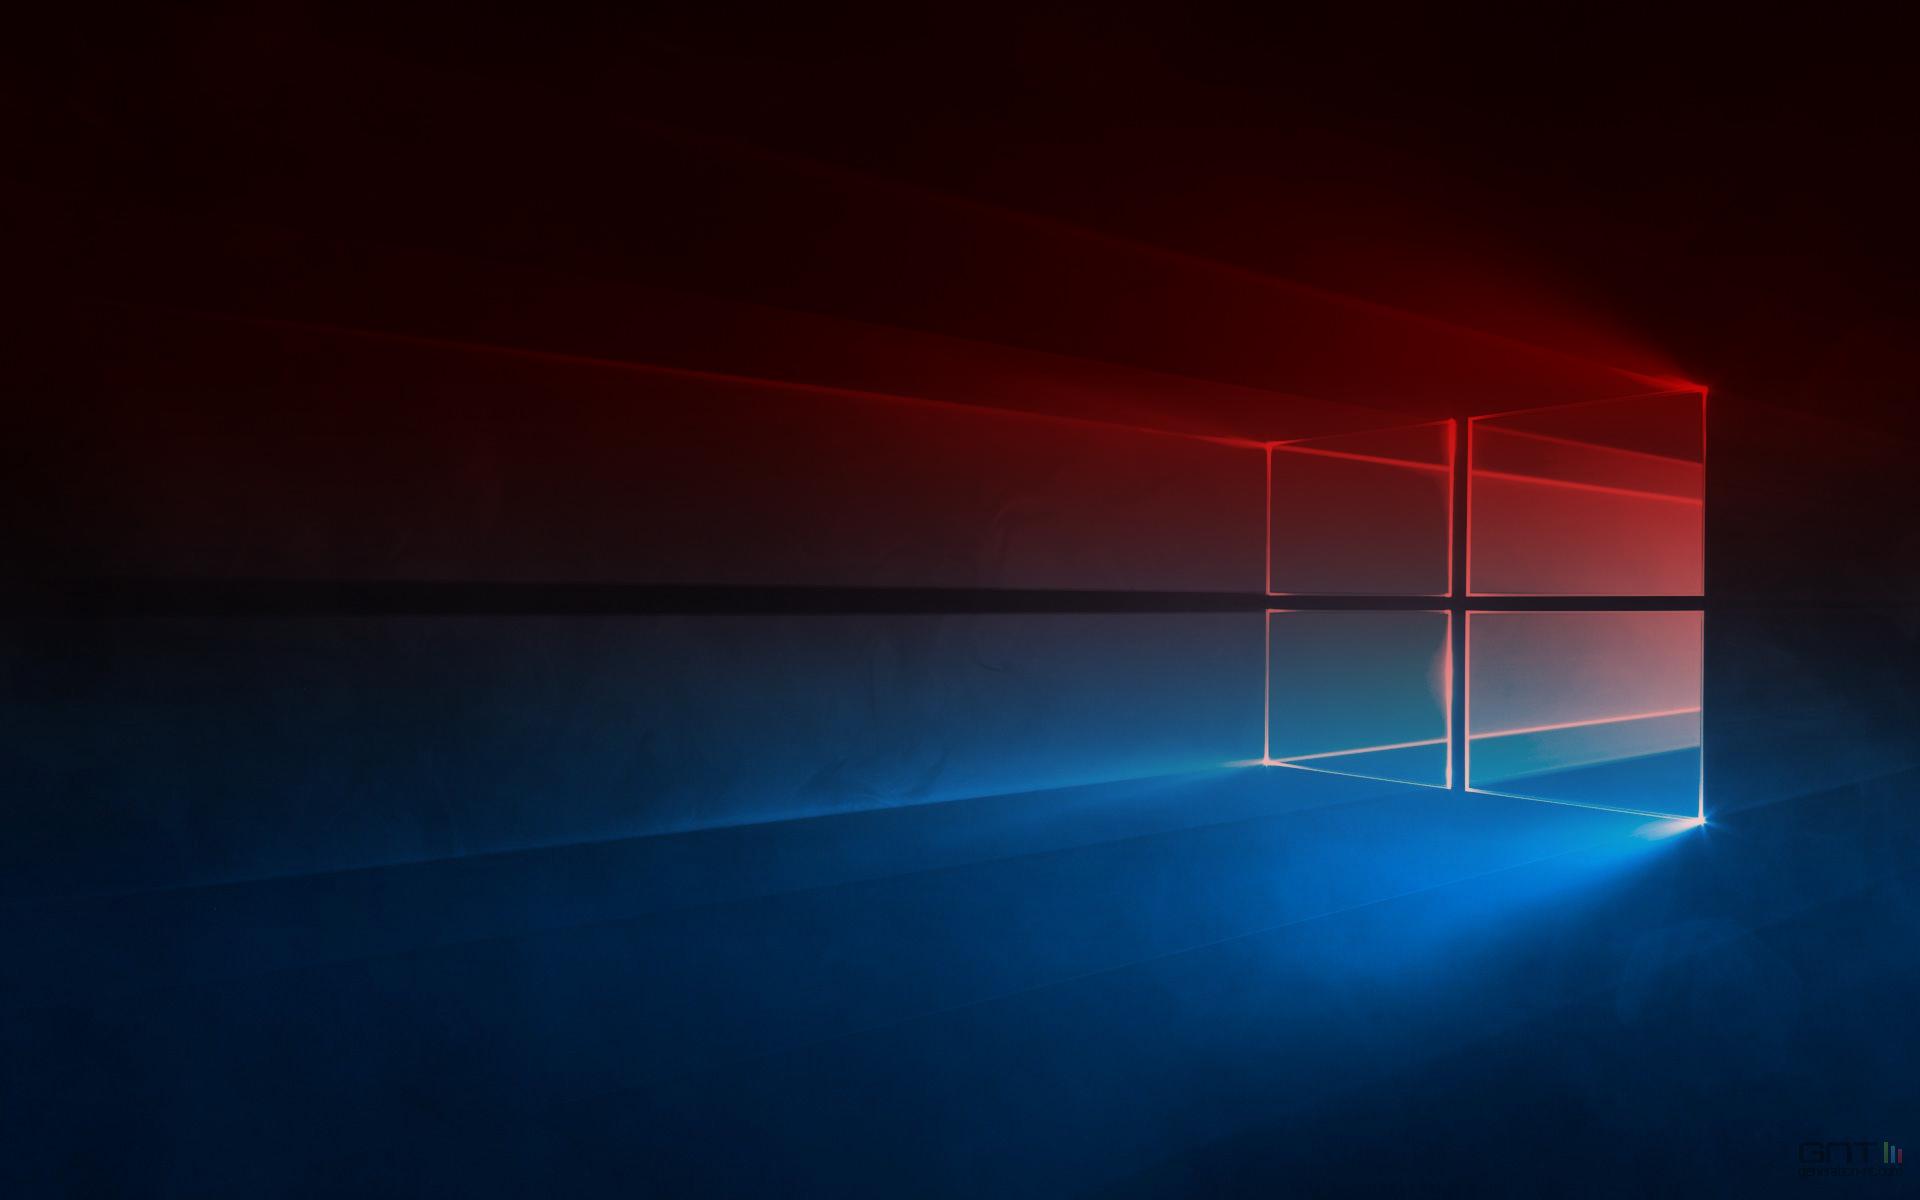 Car Wallpaper >> Windows 10 Redstone Wallpaper - WallpaperSafari